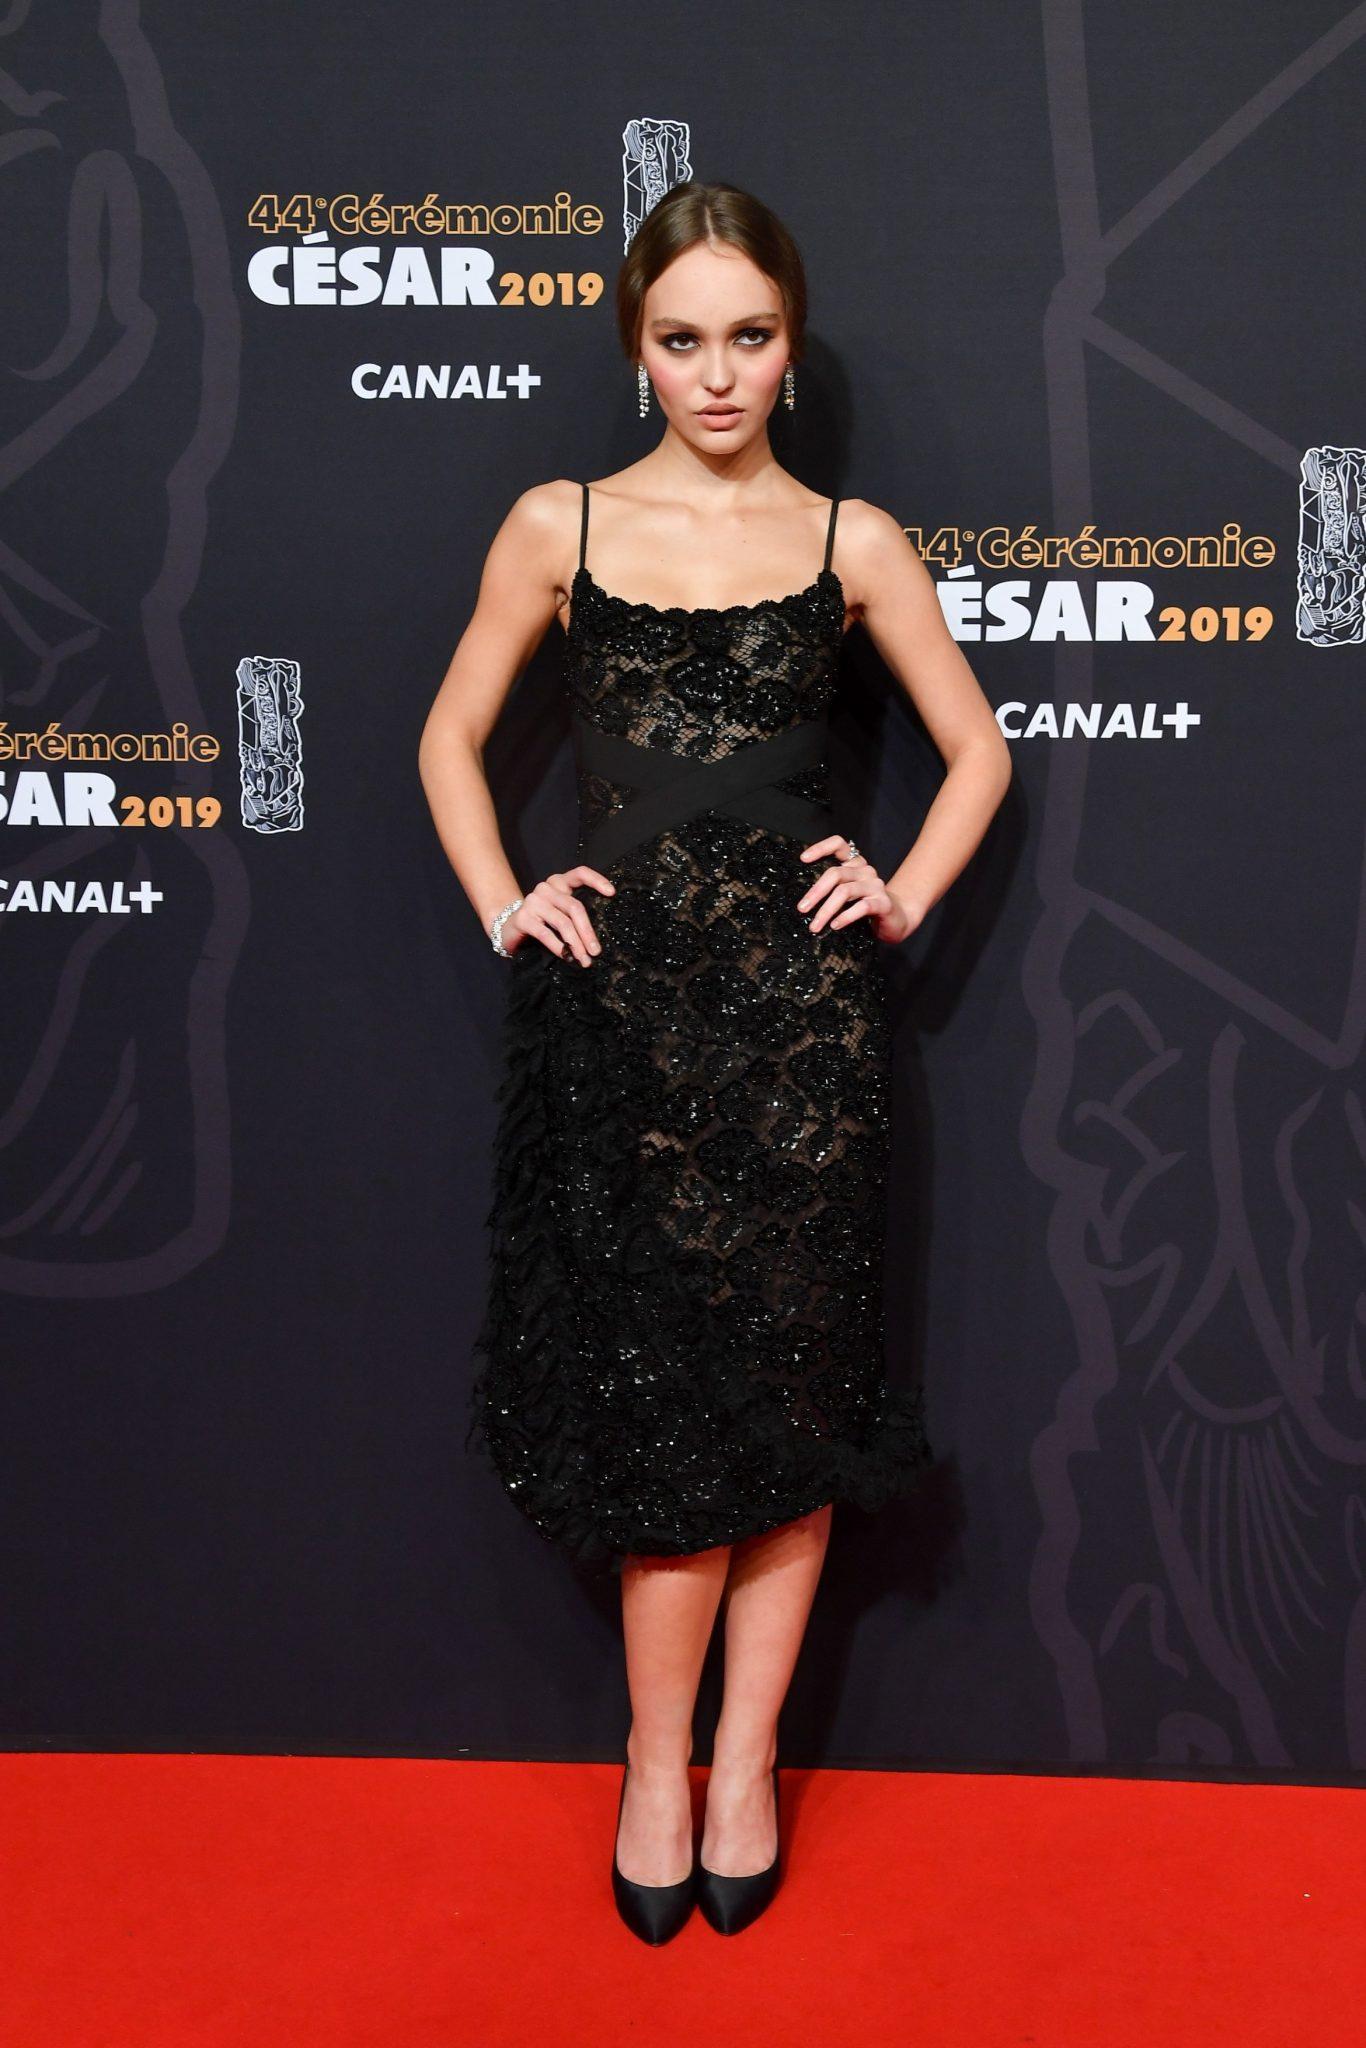 CESAR 2019 Lily Rose Depp CHANEL Esprit de Gabrielle espritdegabrielle.com